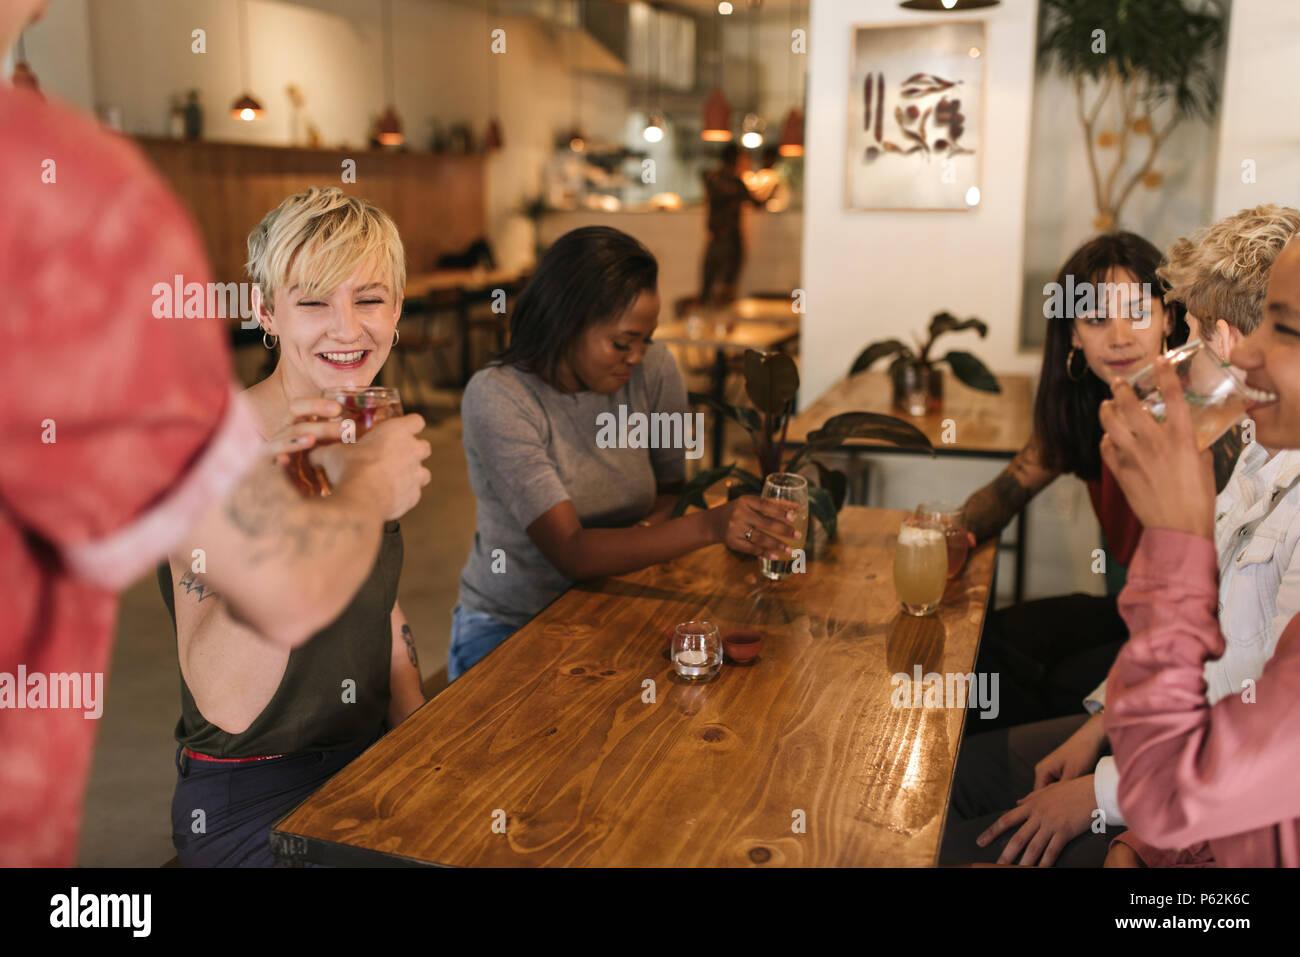 Grupo de amigas sonriente pedir bebidas en un bistro Imagen De Stock